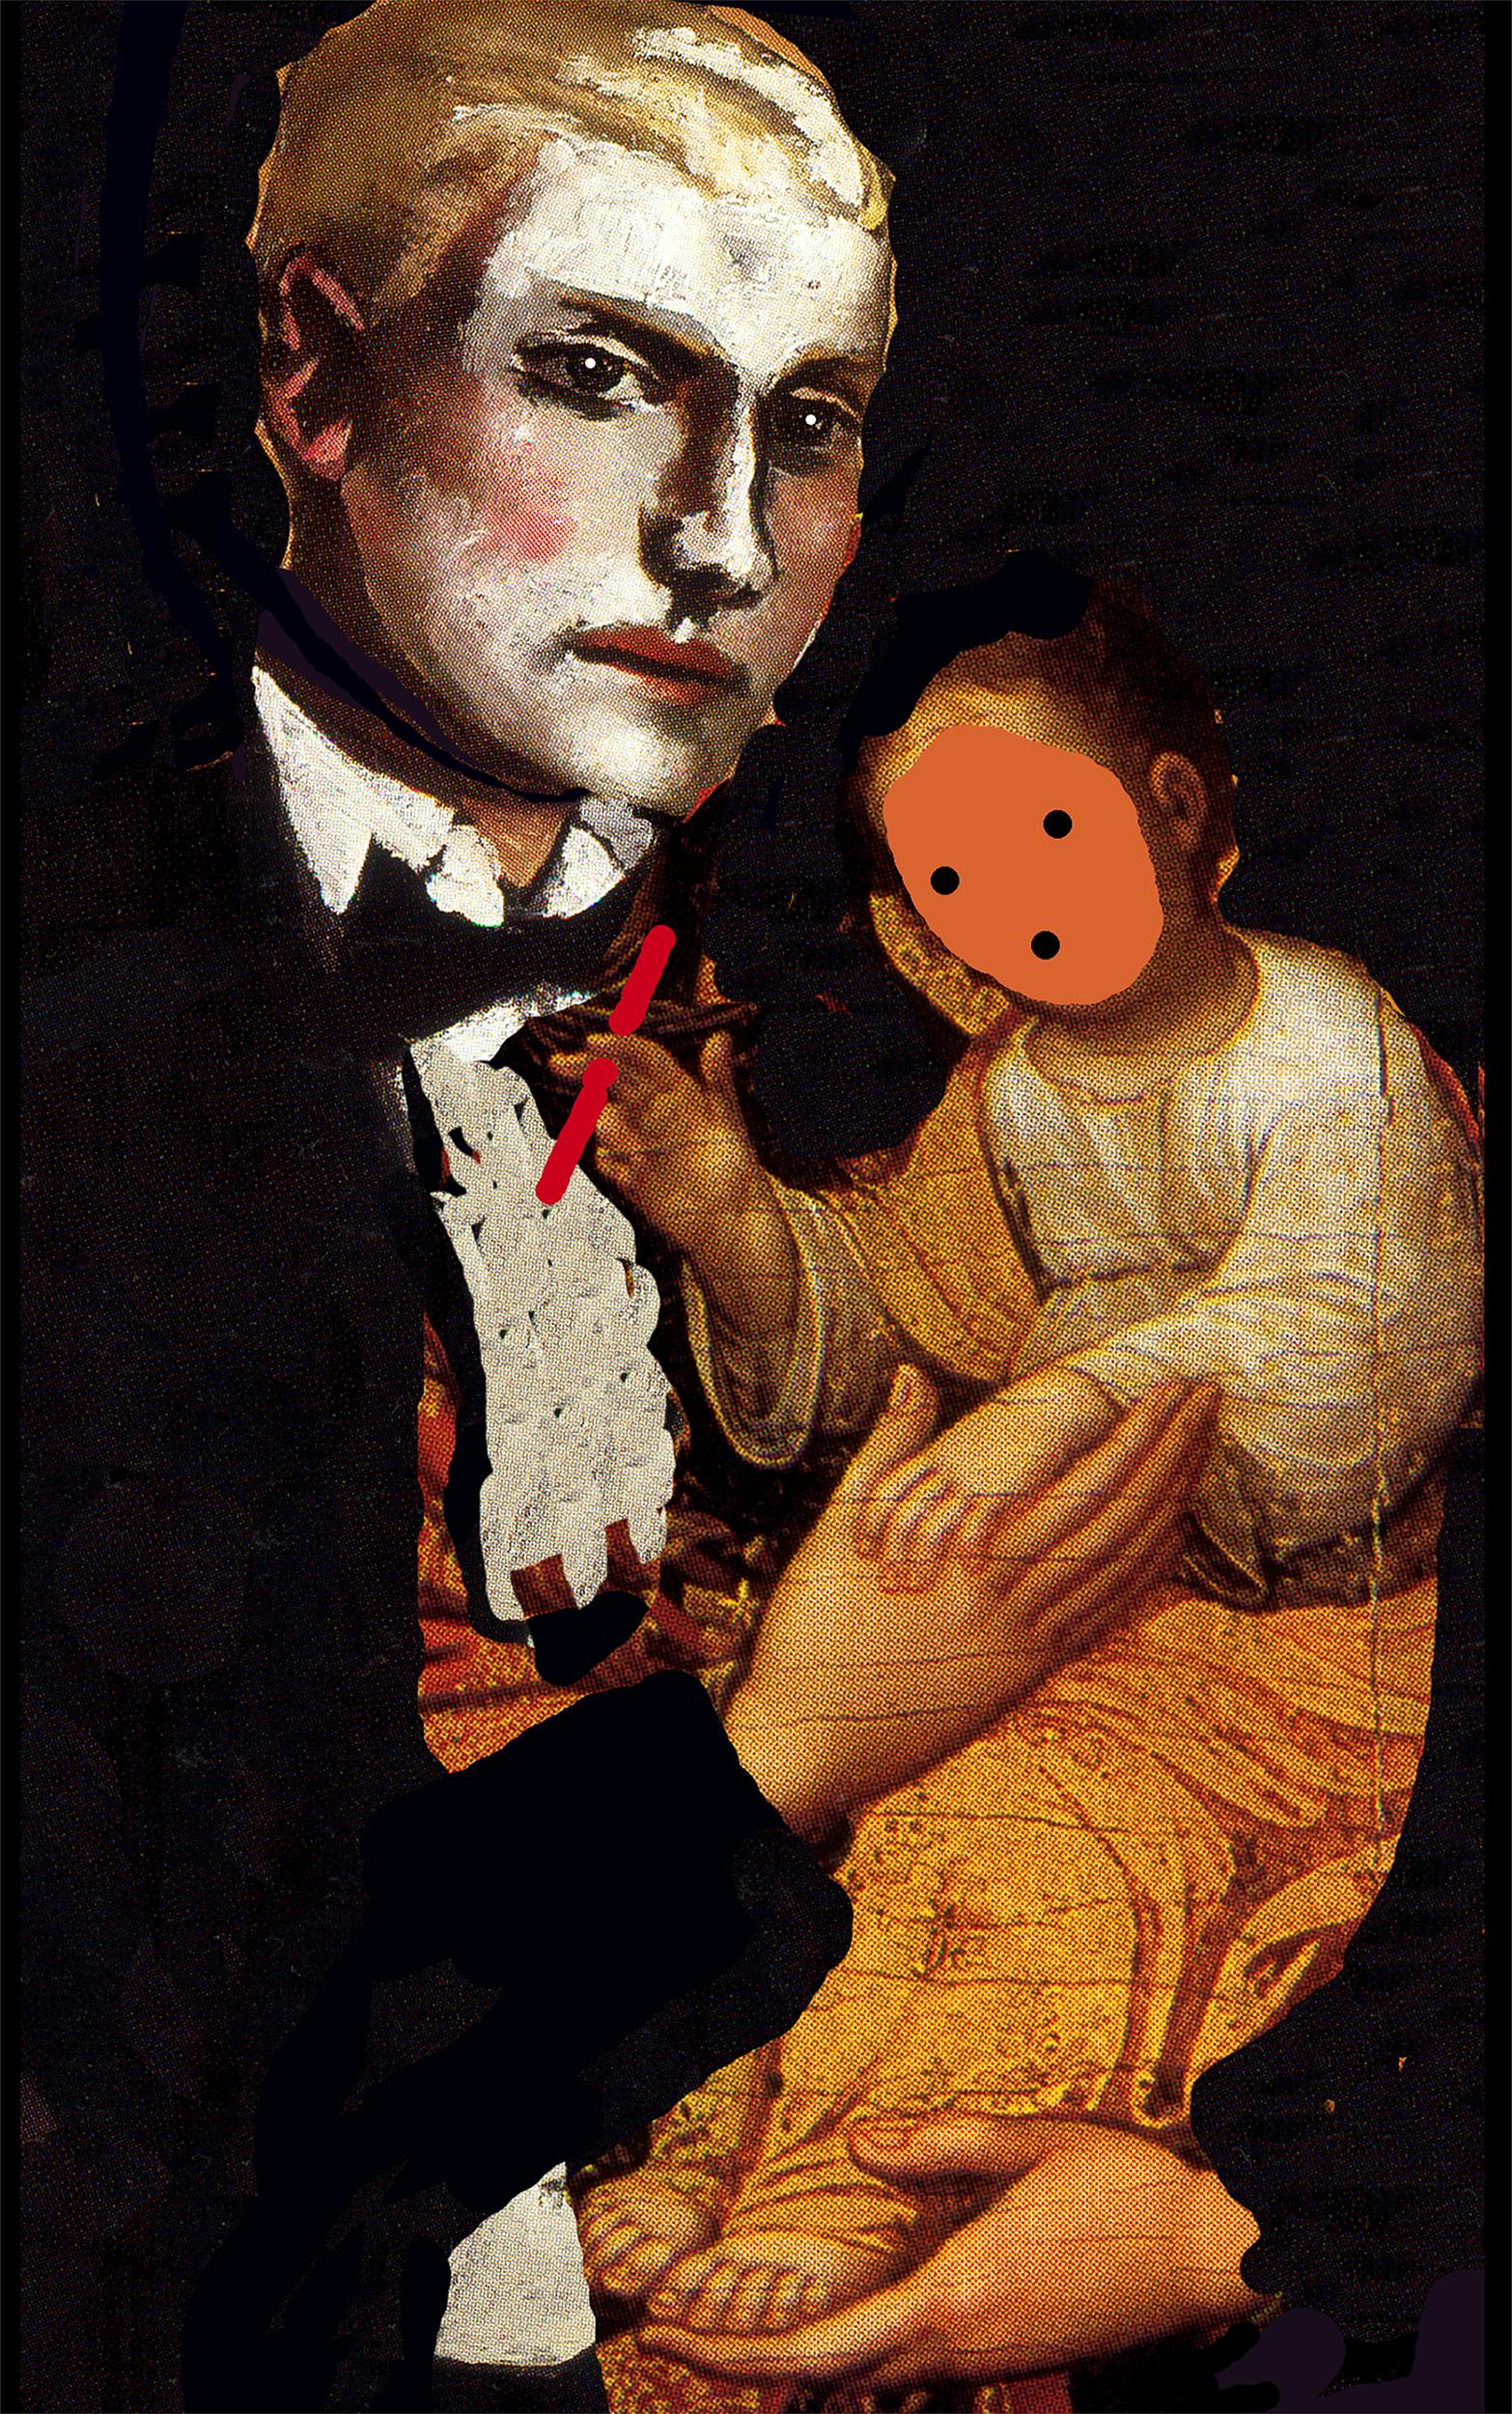 Beckmann Madonna, collage by Wouter van Riessen